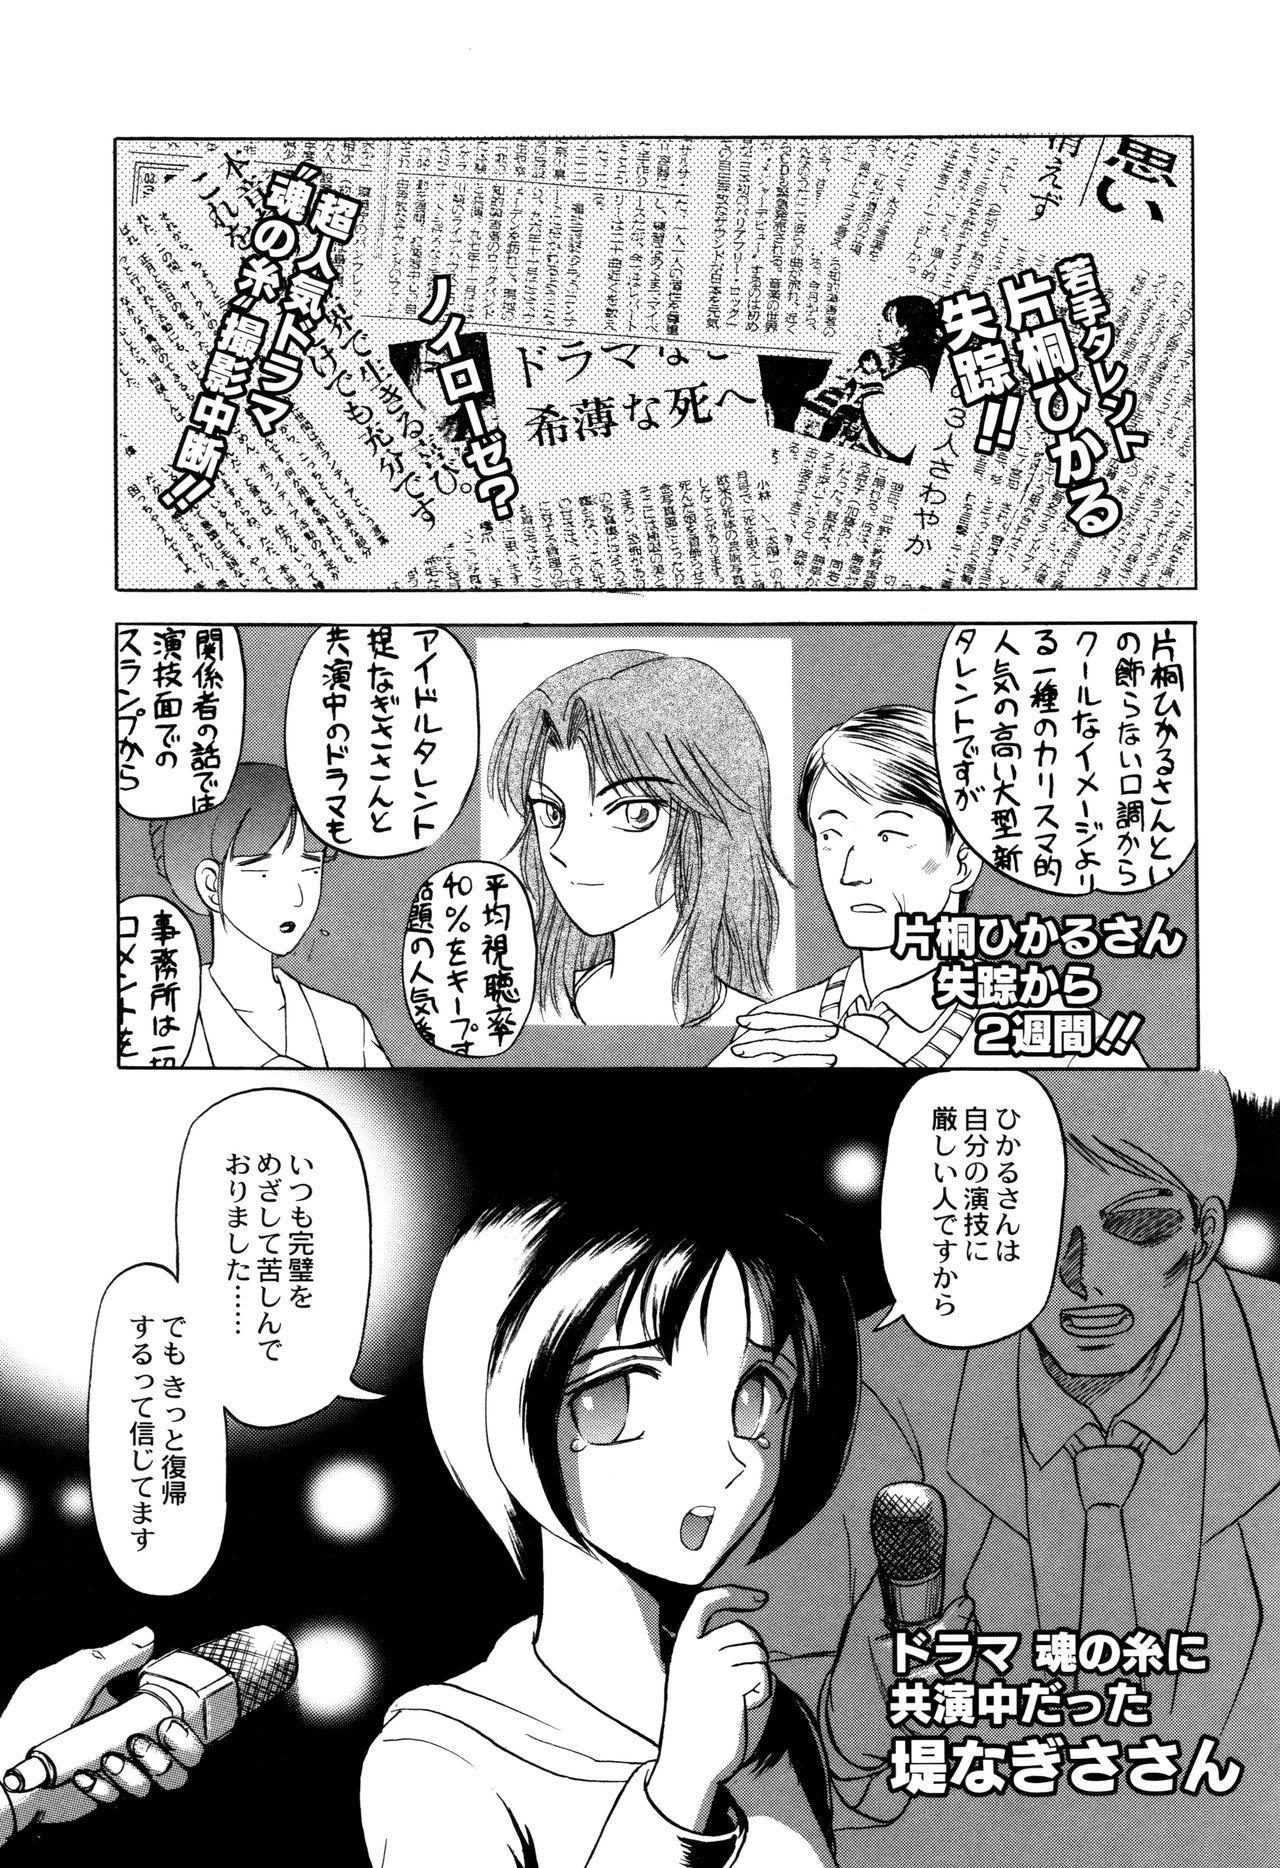 Chishigoyomi 145